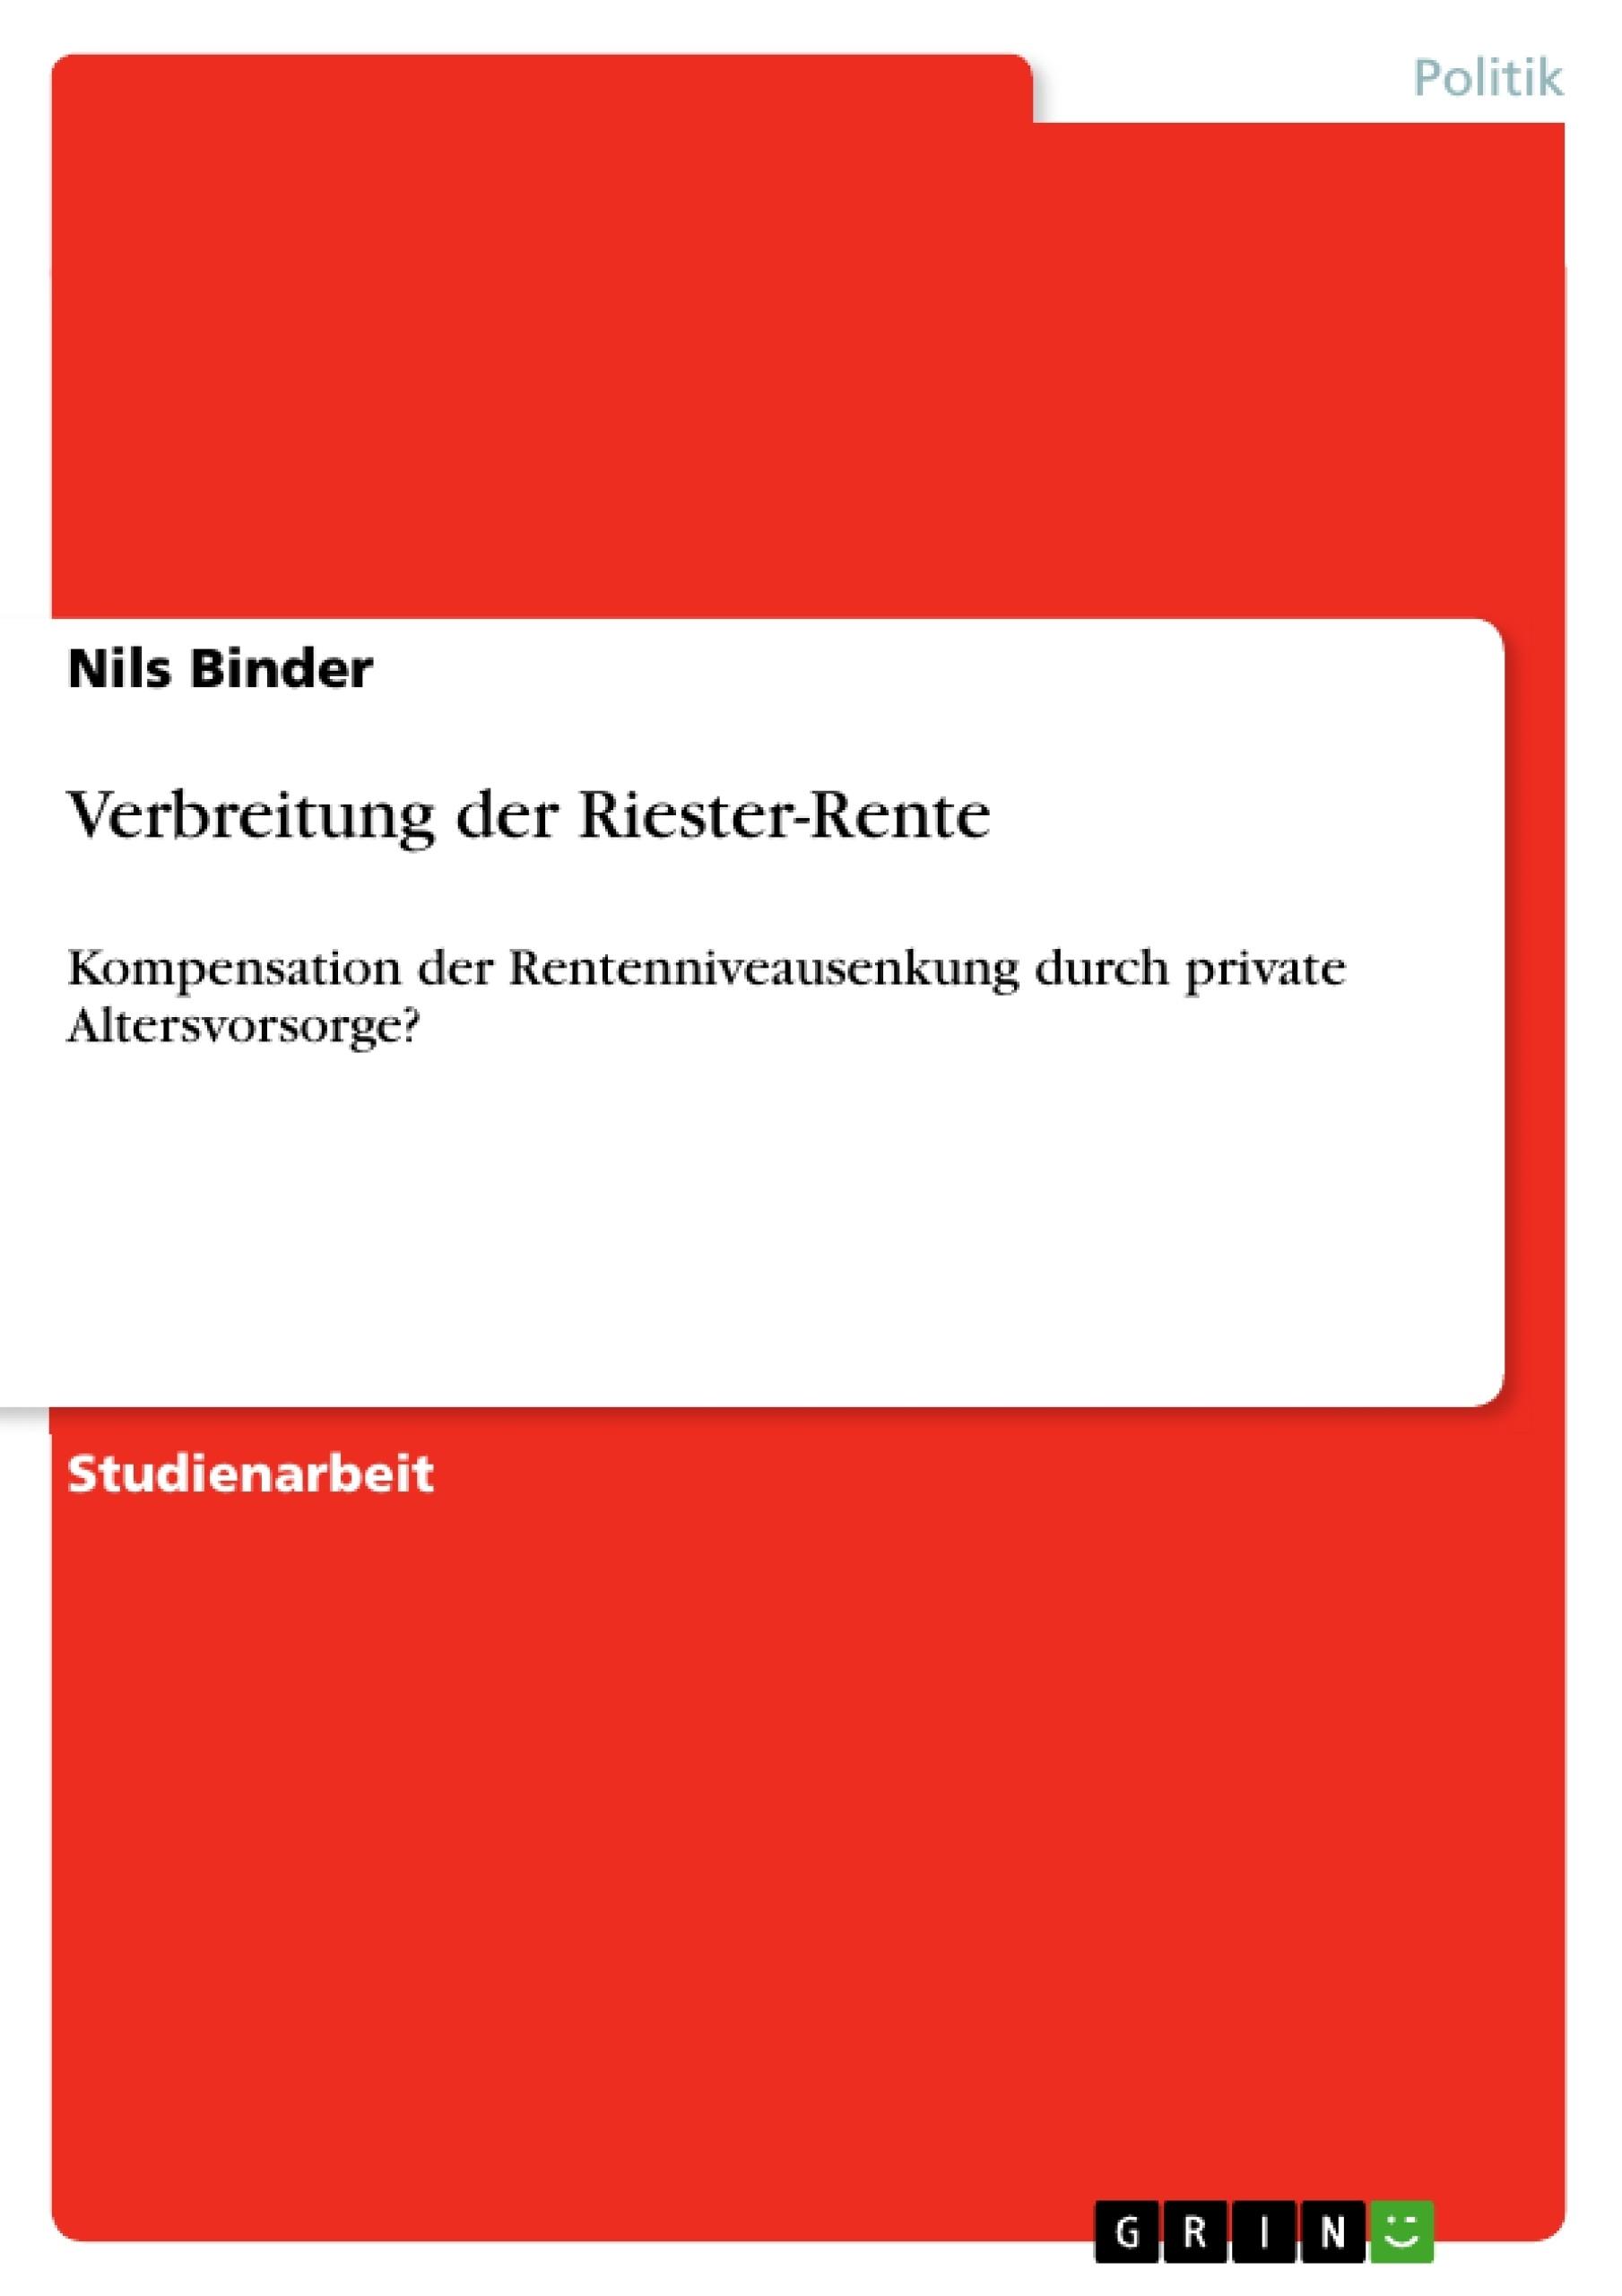 Titel: Verbreitung der Riester-Rente